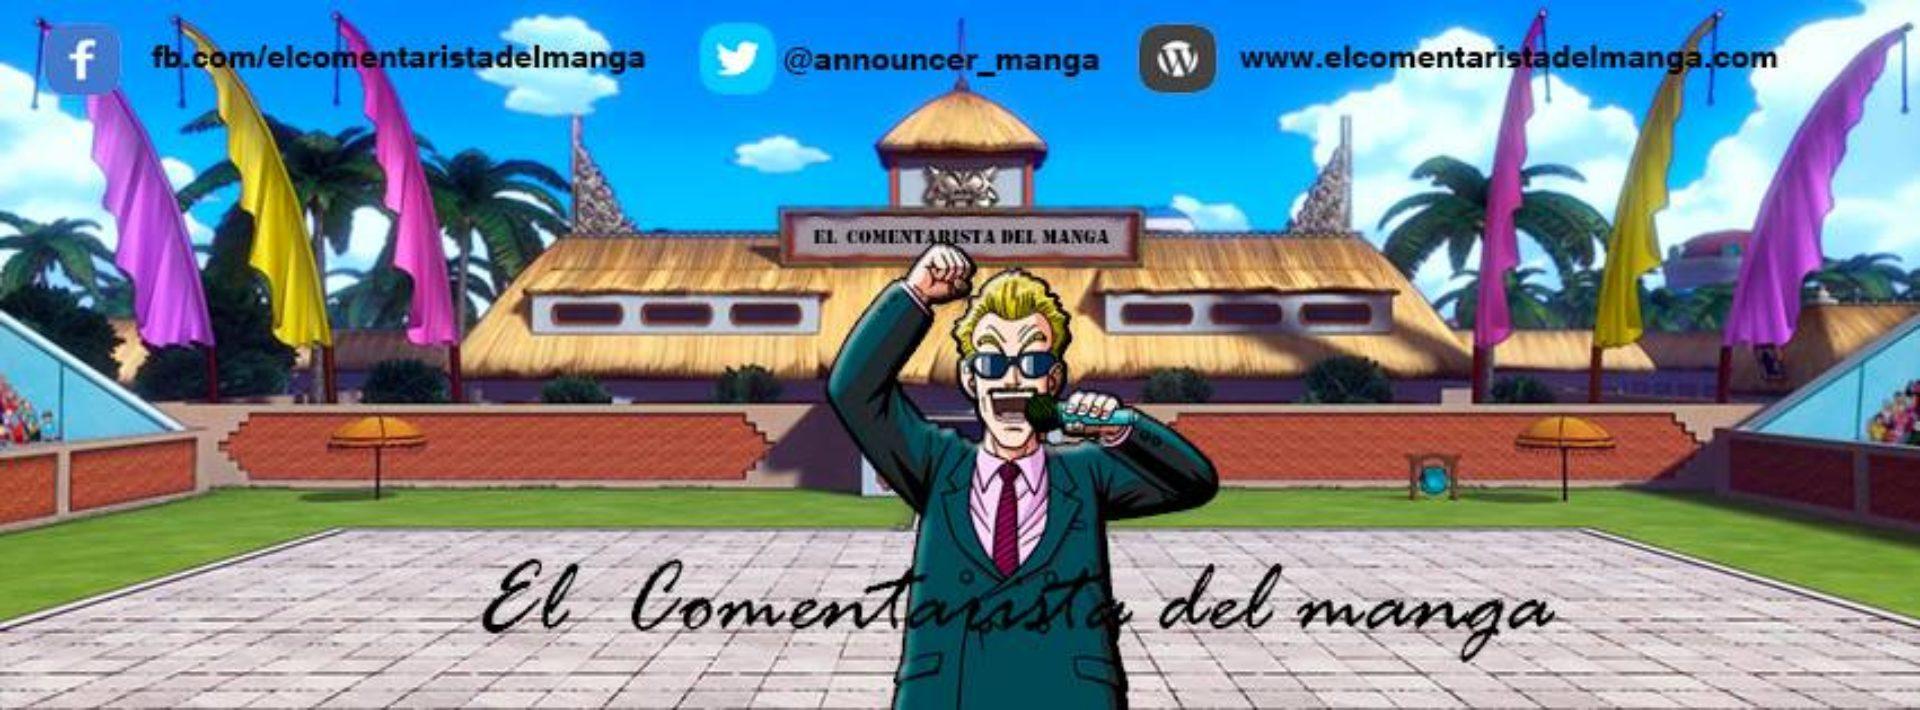 El comentarista del manga